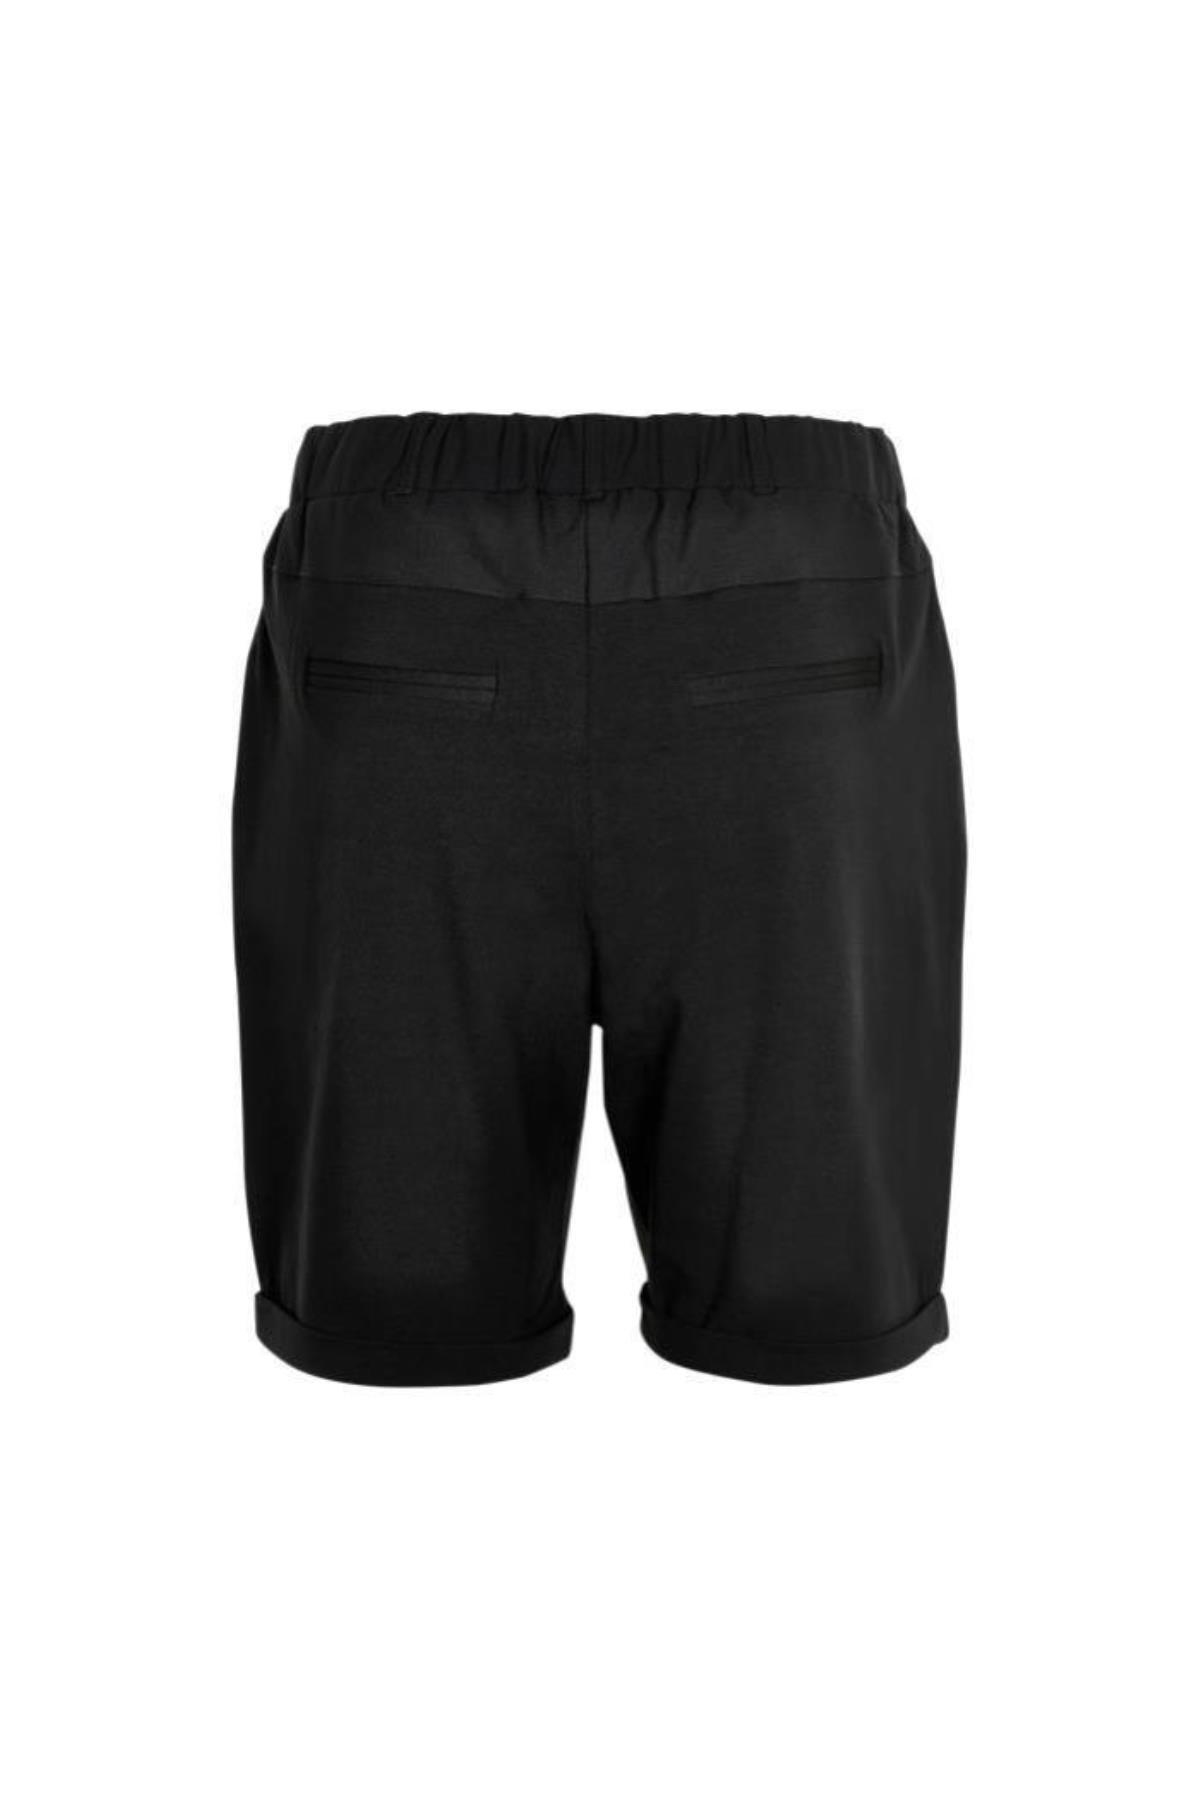 Sort Shorts fra Kaffe – Køb Sort Shorts fra str. 32-46 her